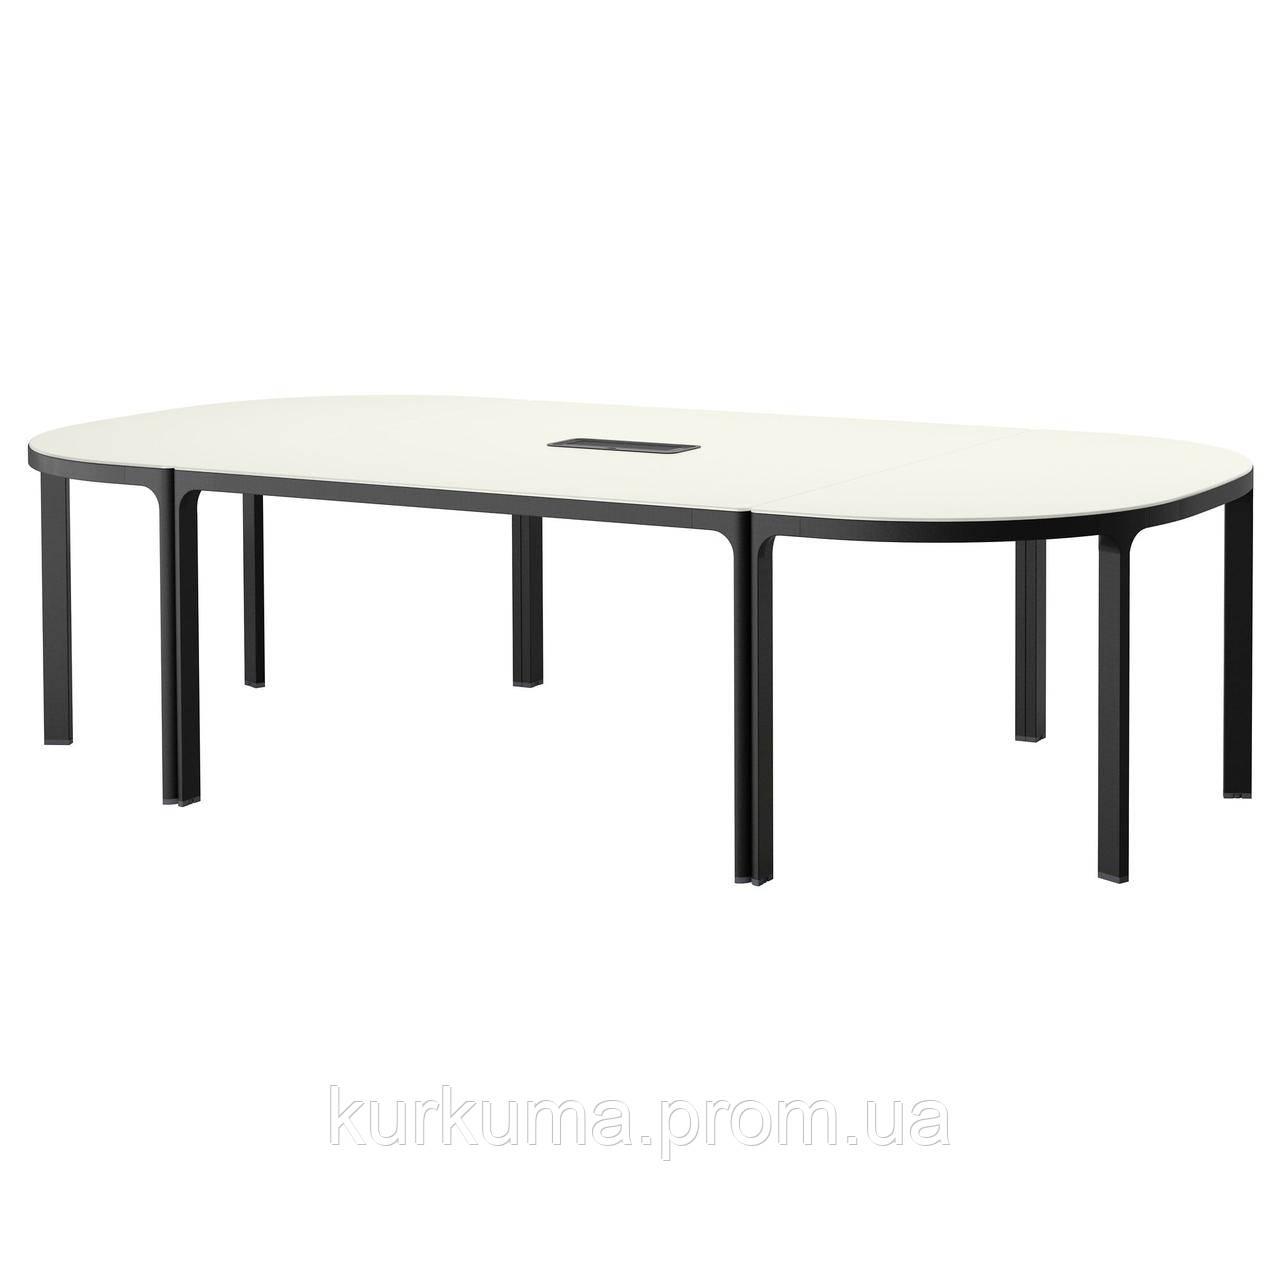 IKEA BEKANT Стол для конференций, белый, черный  (790.063.01)